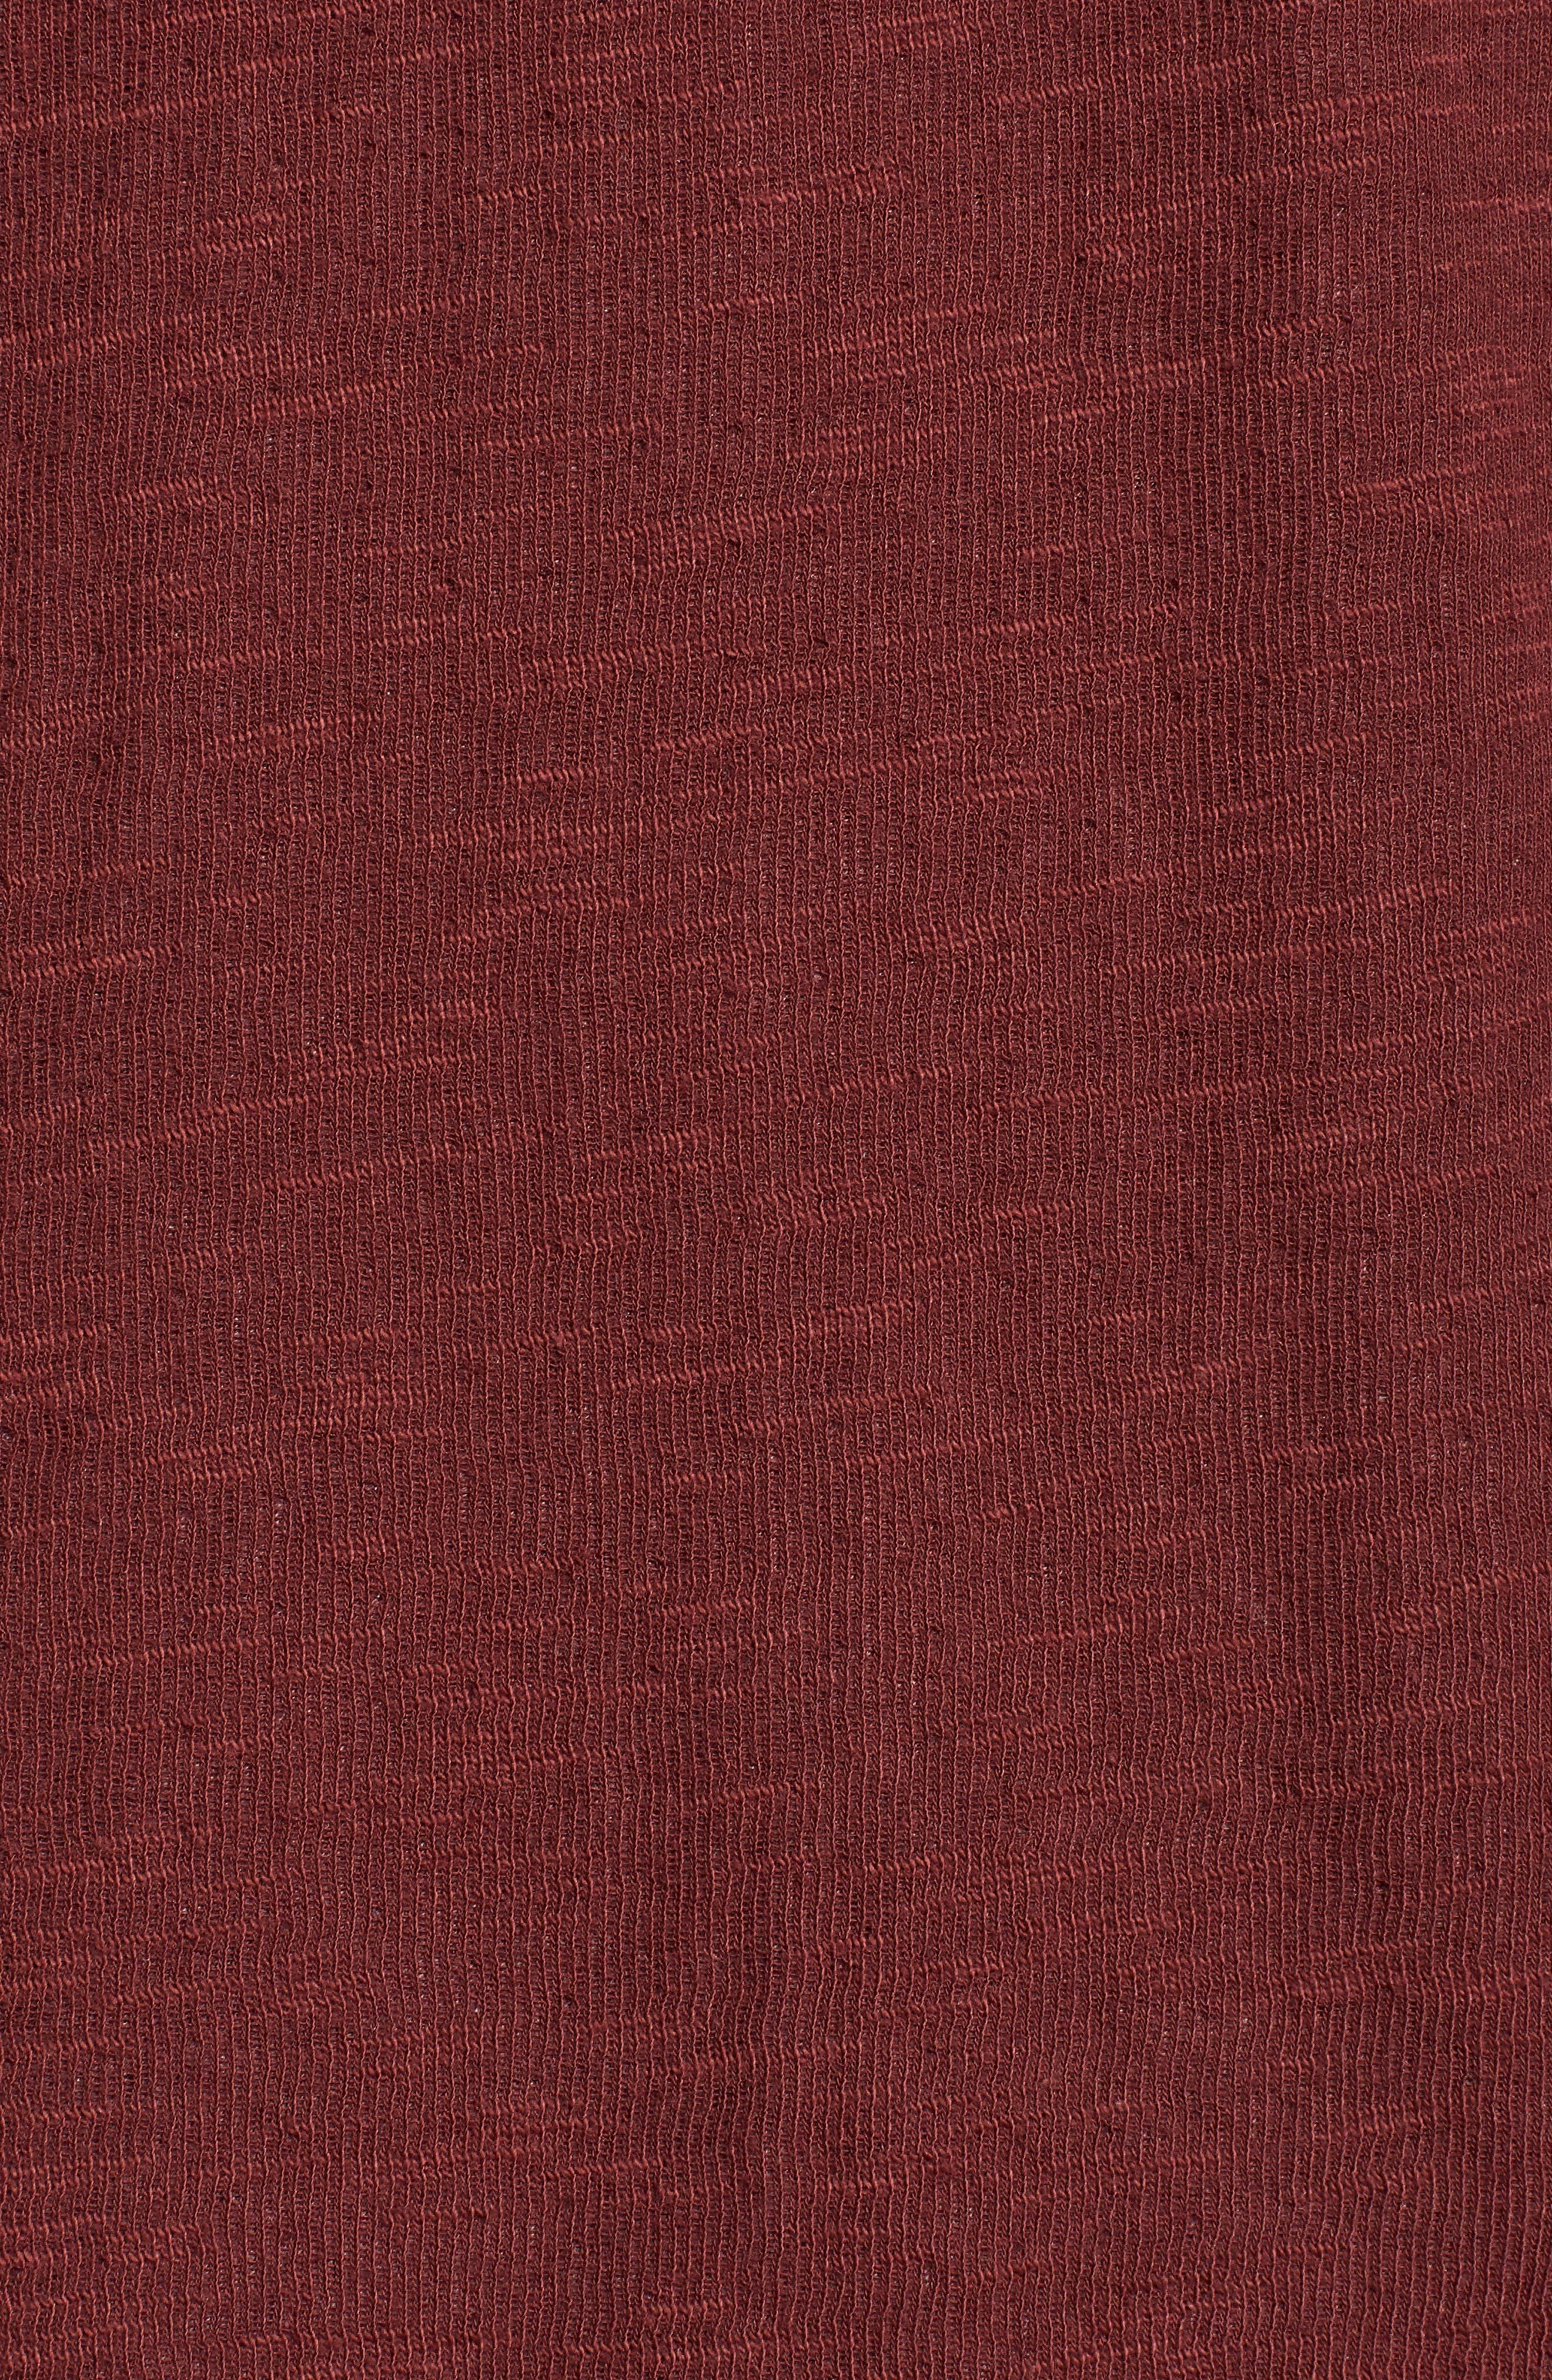 Double Layer Slim Crewneck T-Shirt,                             Alternate thumbnail 35, color,